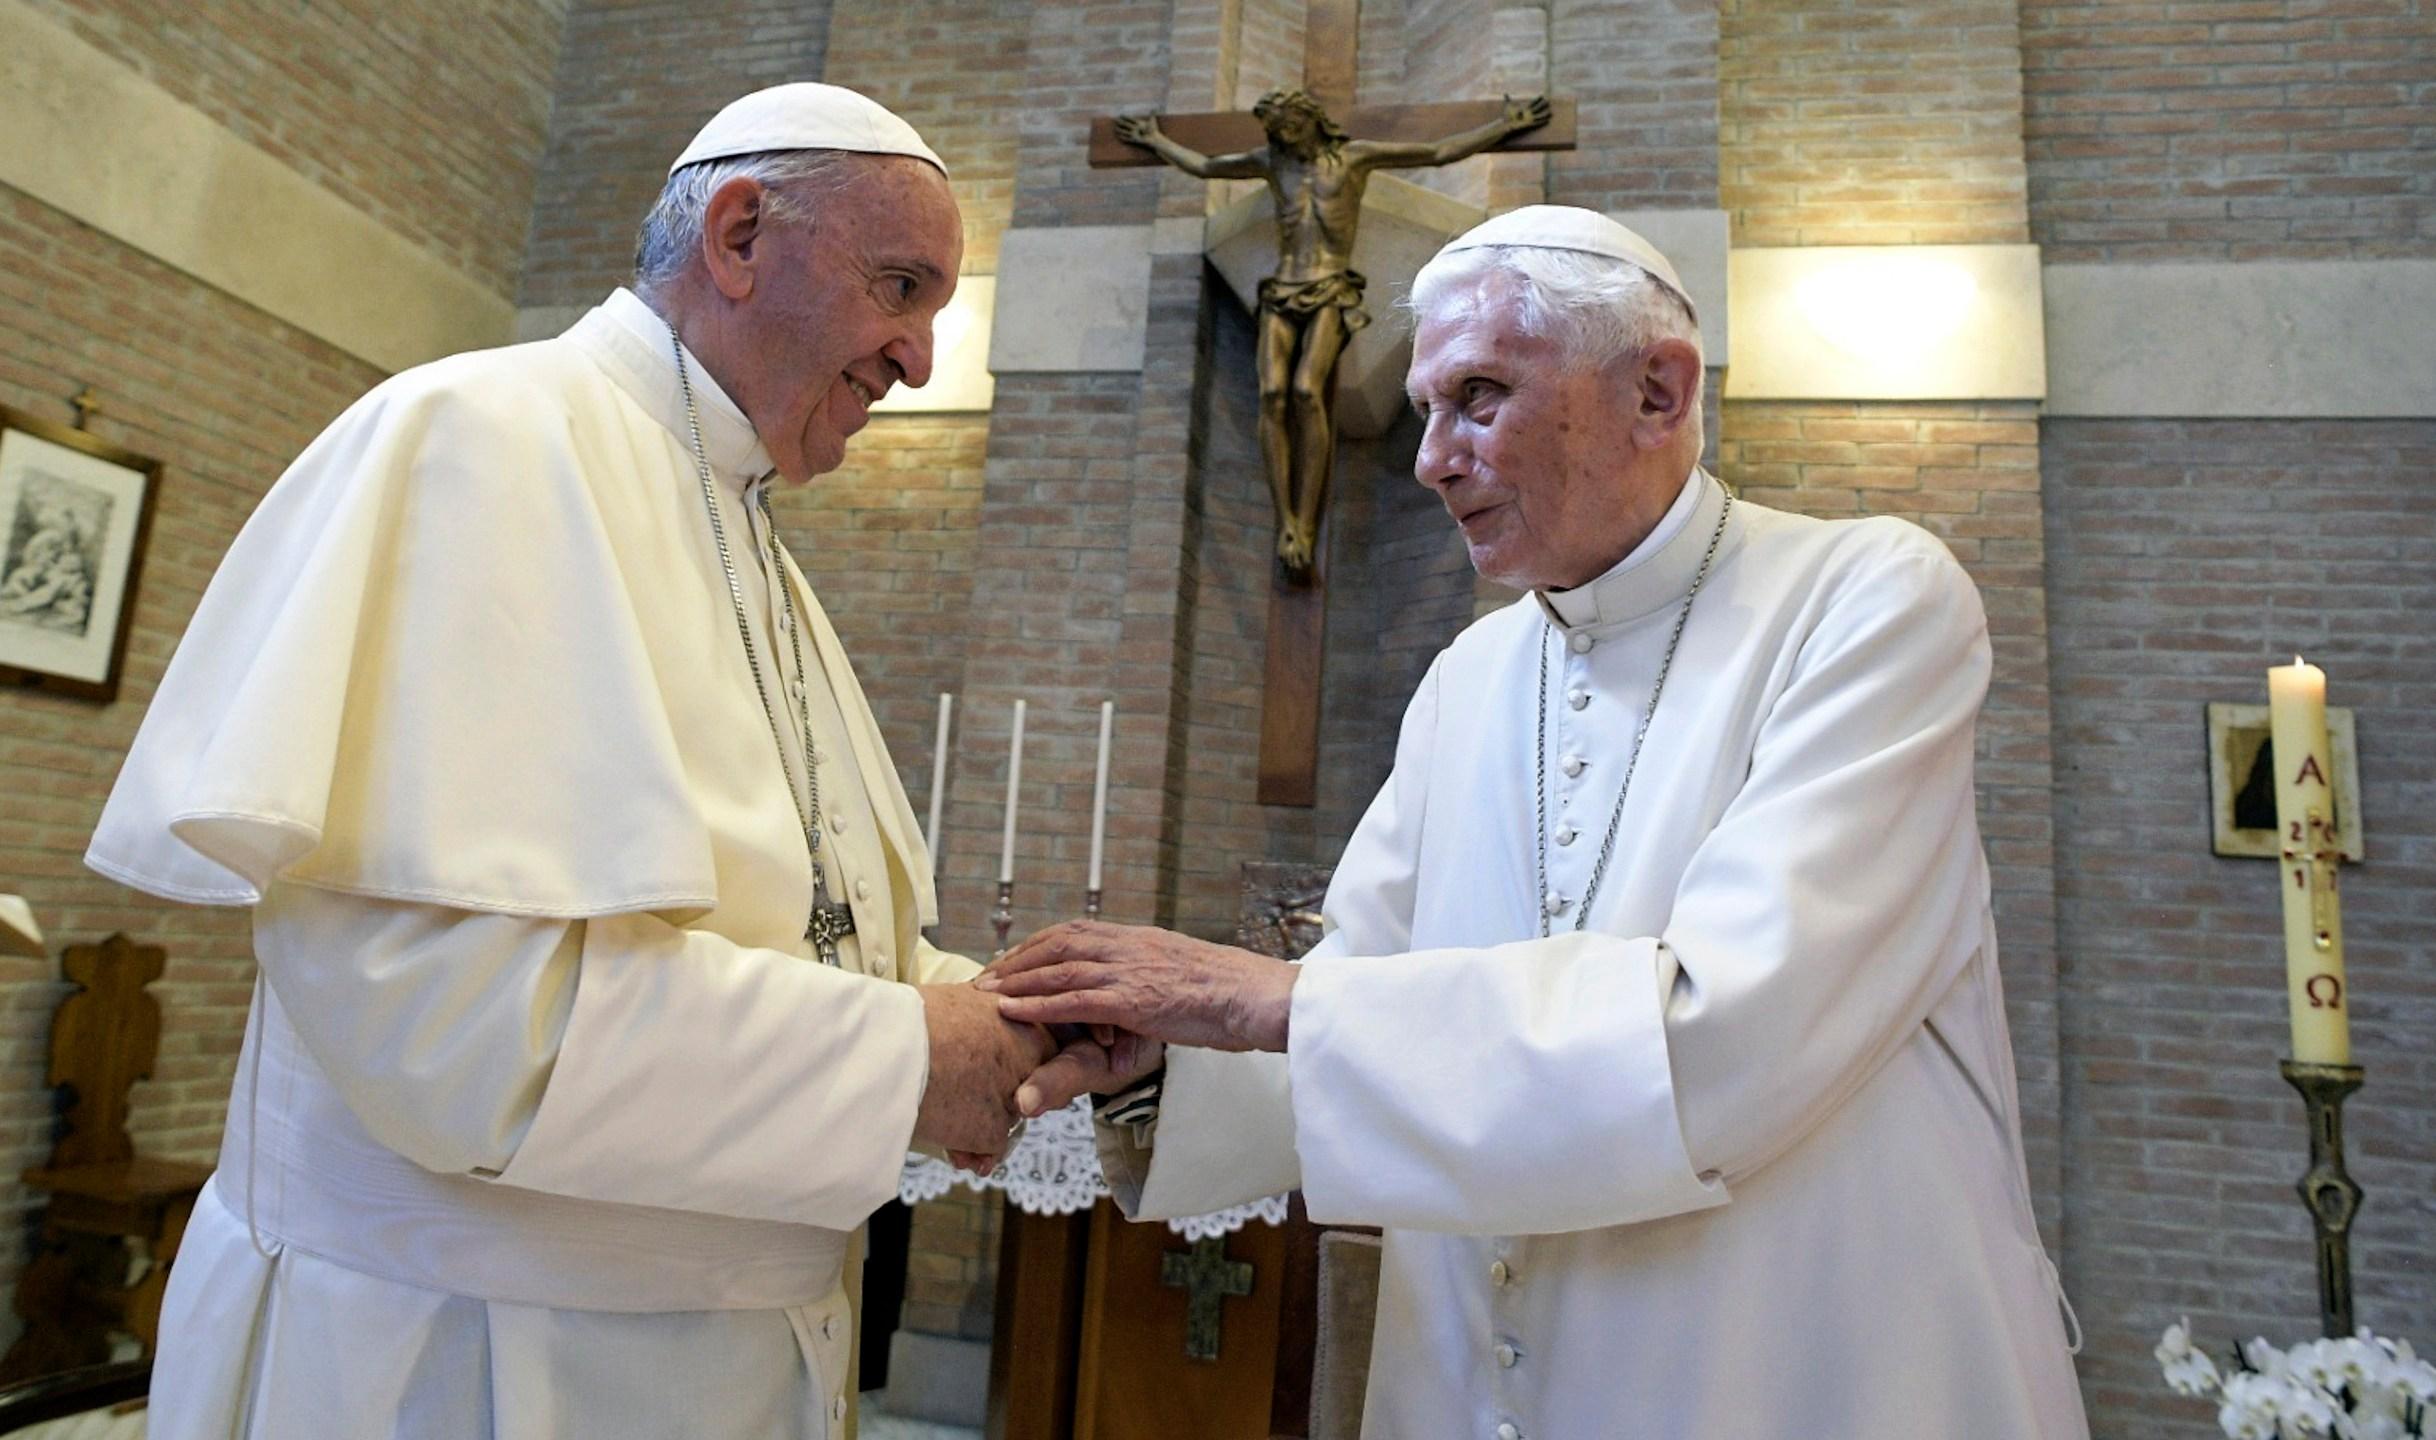 Pope Emeritus Benedict XVI, Pope Francis